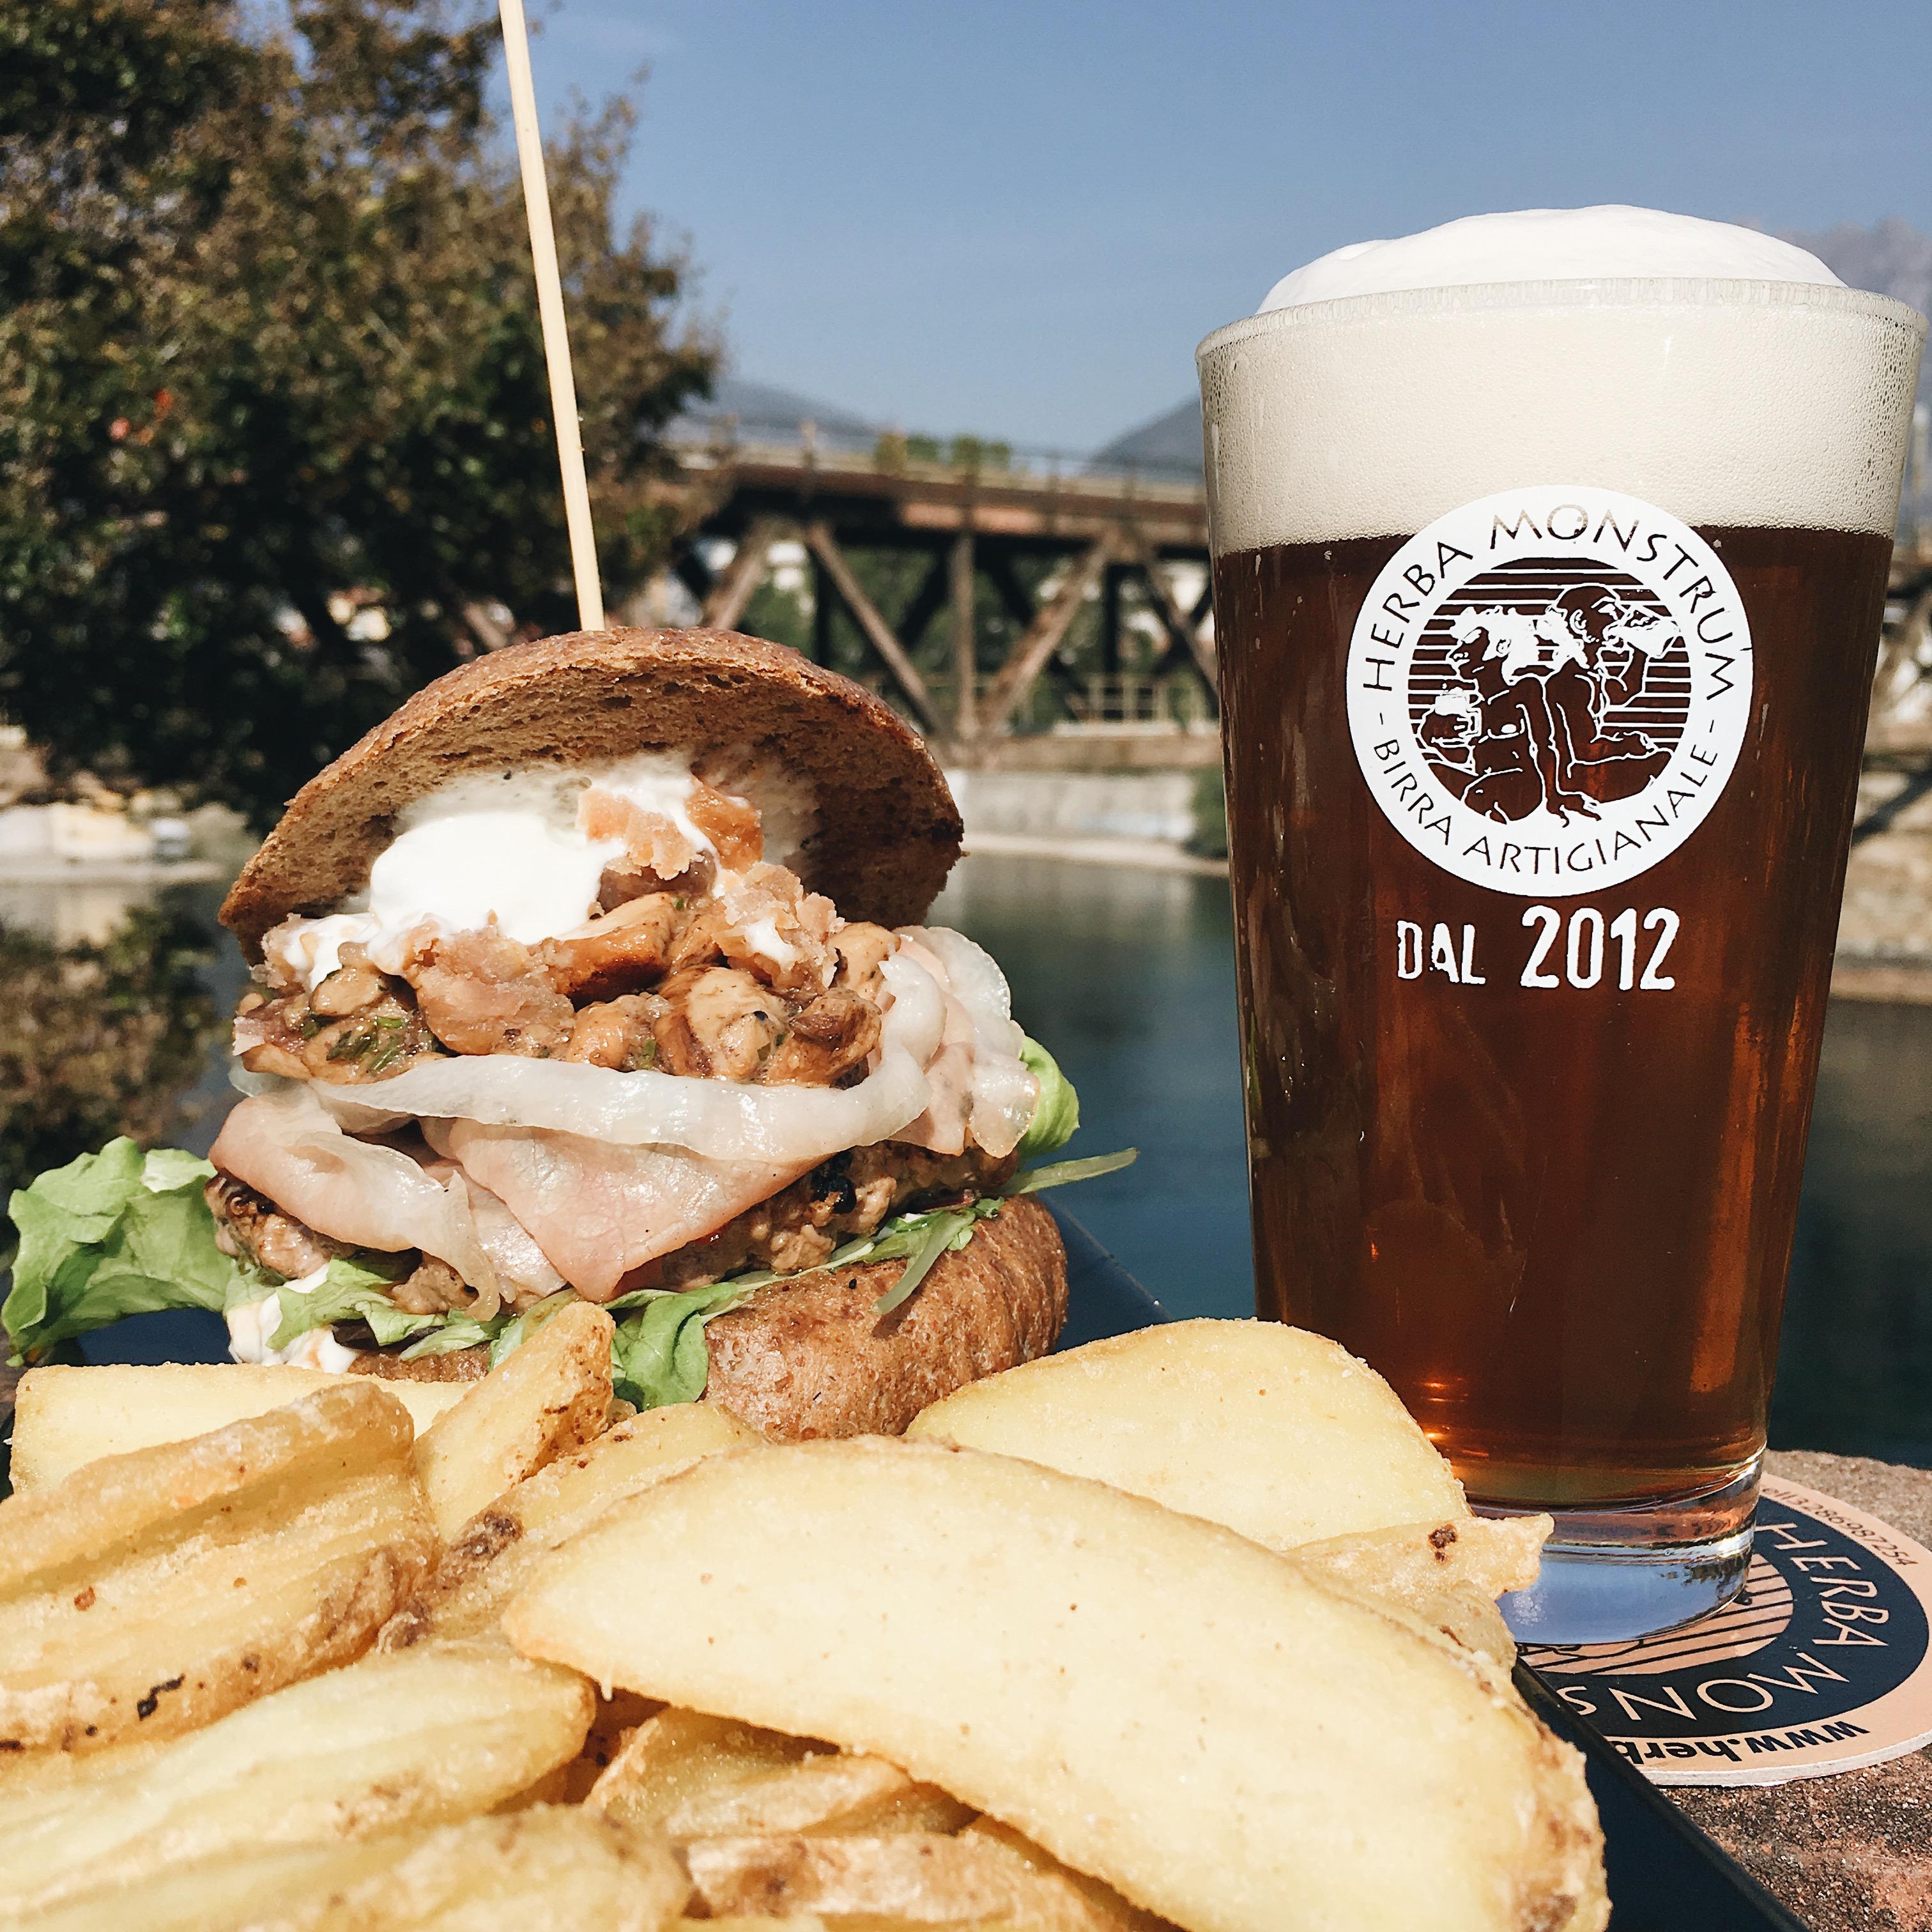 Le nostre artigianali a domicilio! Aprile 2020 i hamburger direttamente a casa! Herba Monstrum Brewery via Ettore Monti, 29, 23851 in zona Ponte Azzone Visconti Lecco.